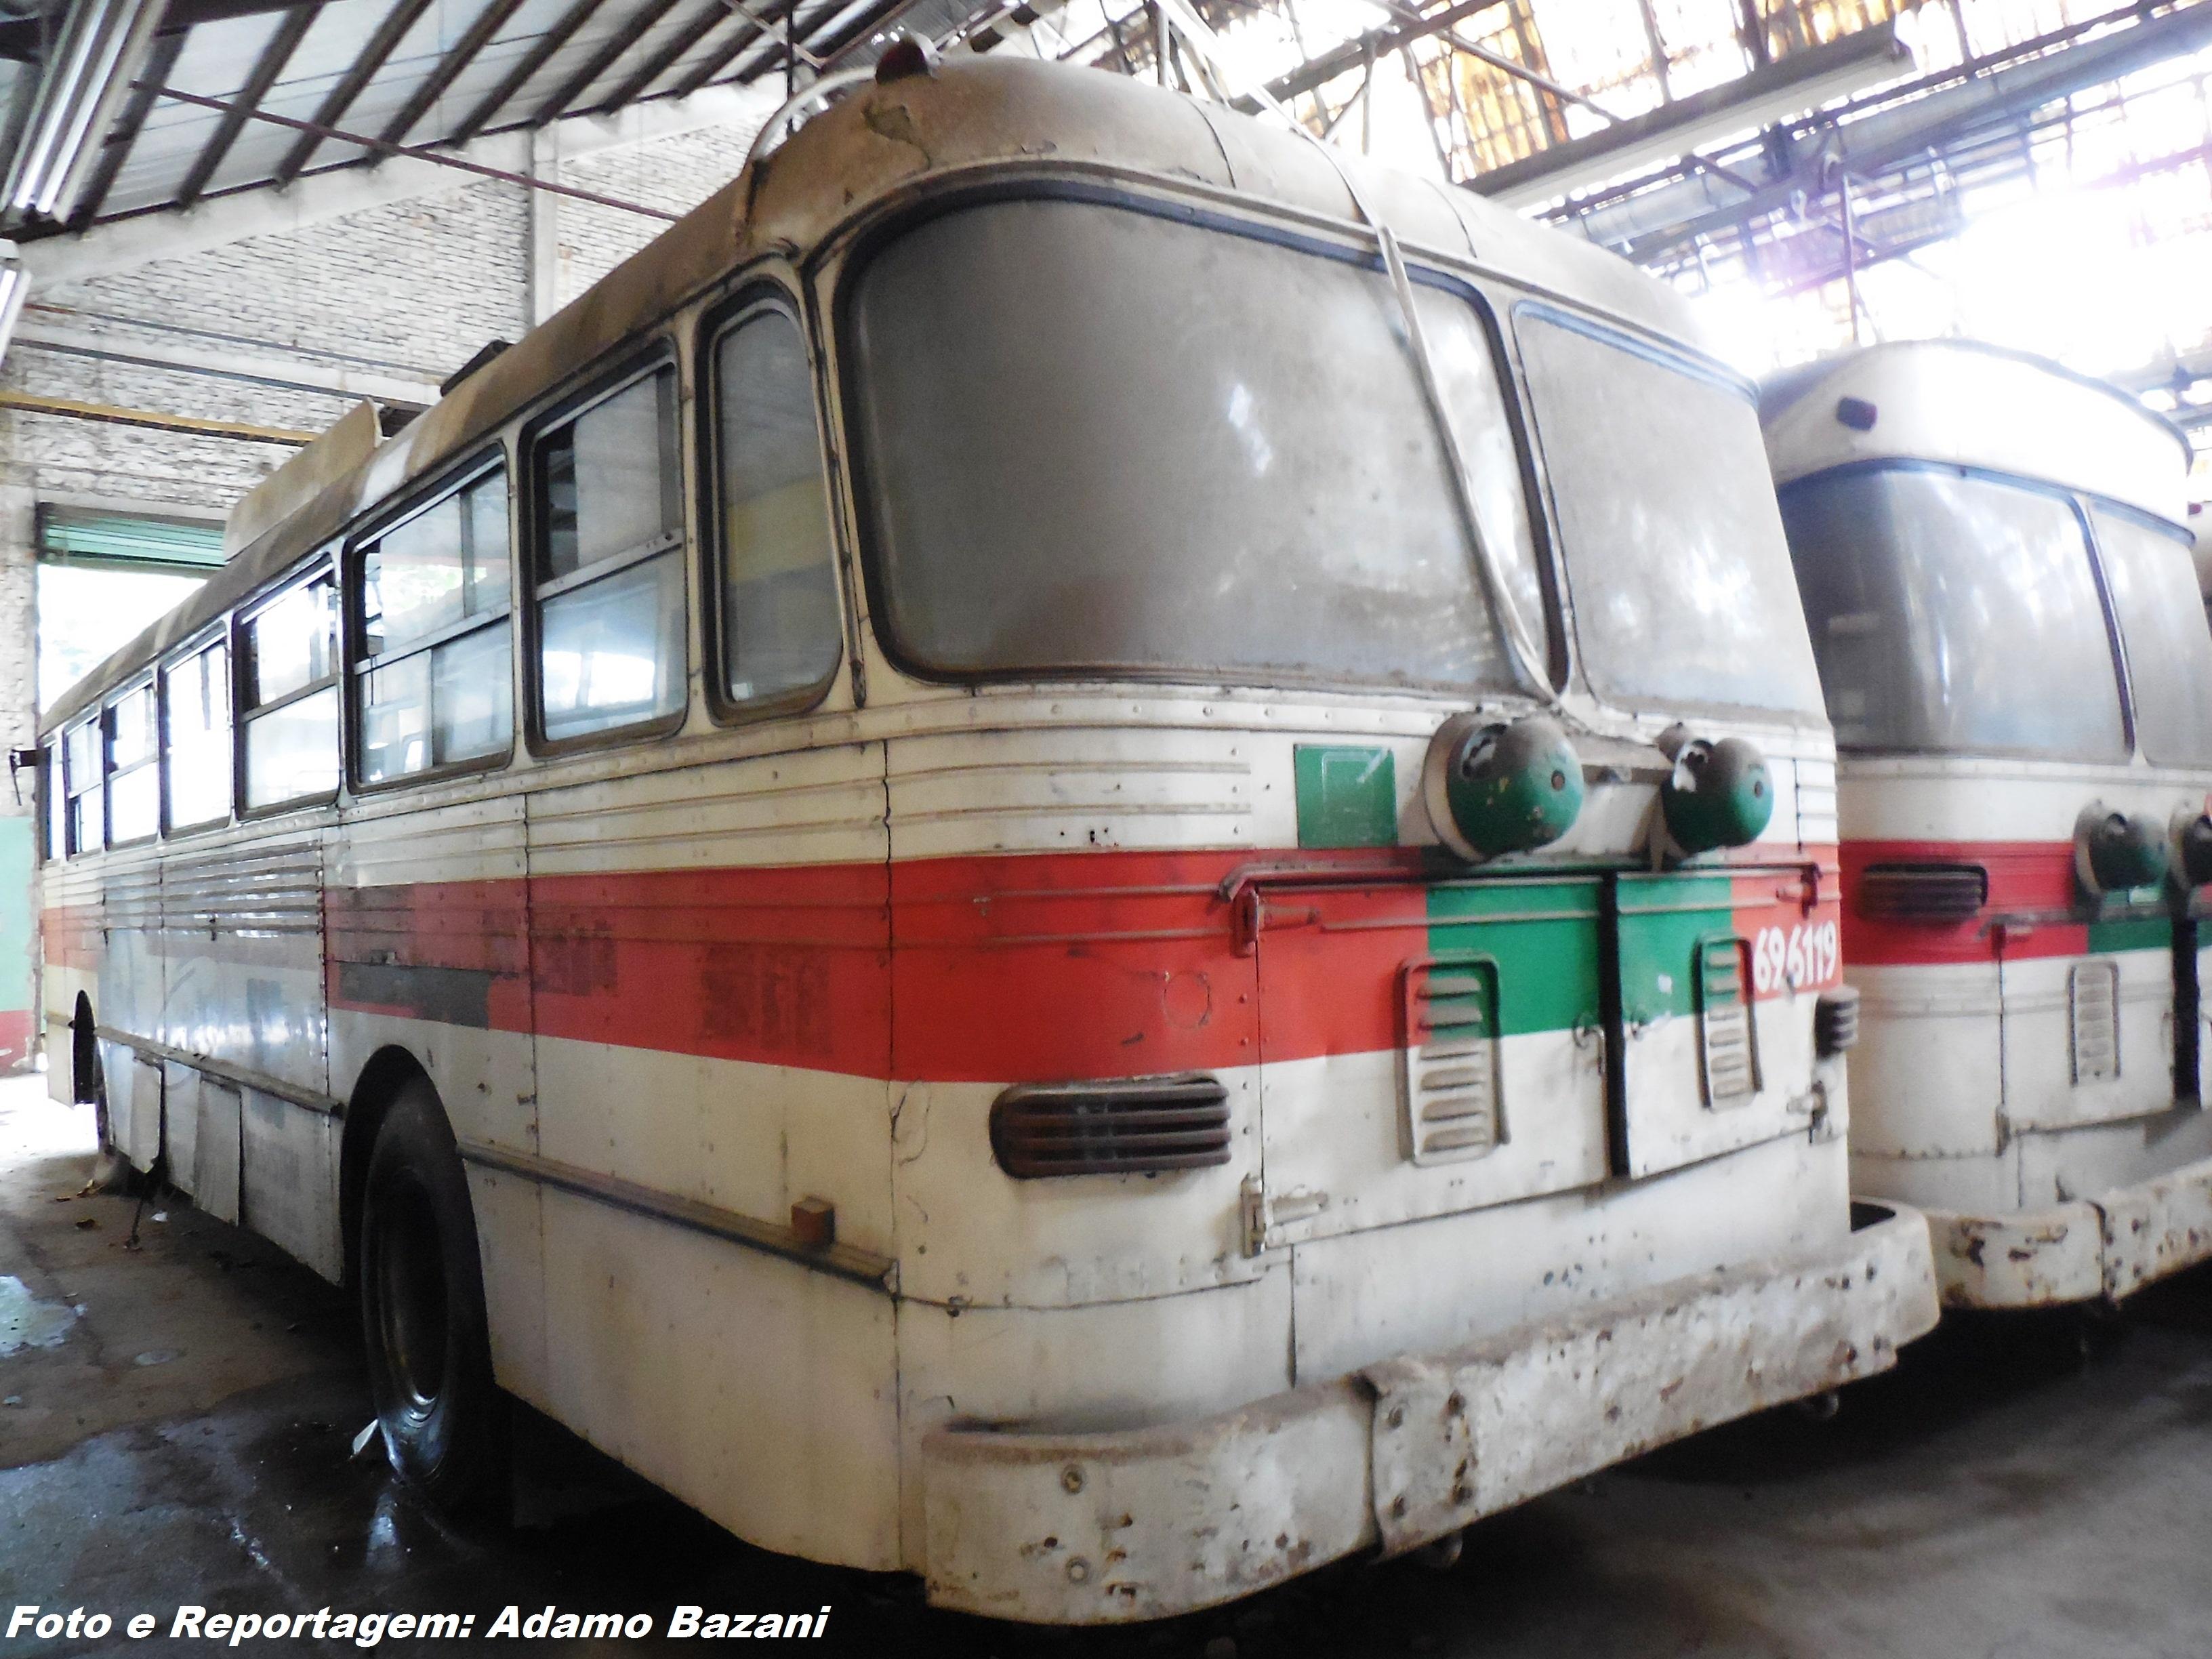 Garagem CMTC Santa Rita: um marco da história dos transportes que ...